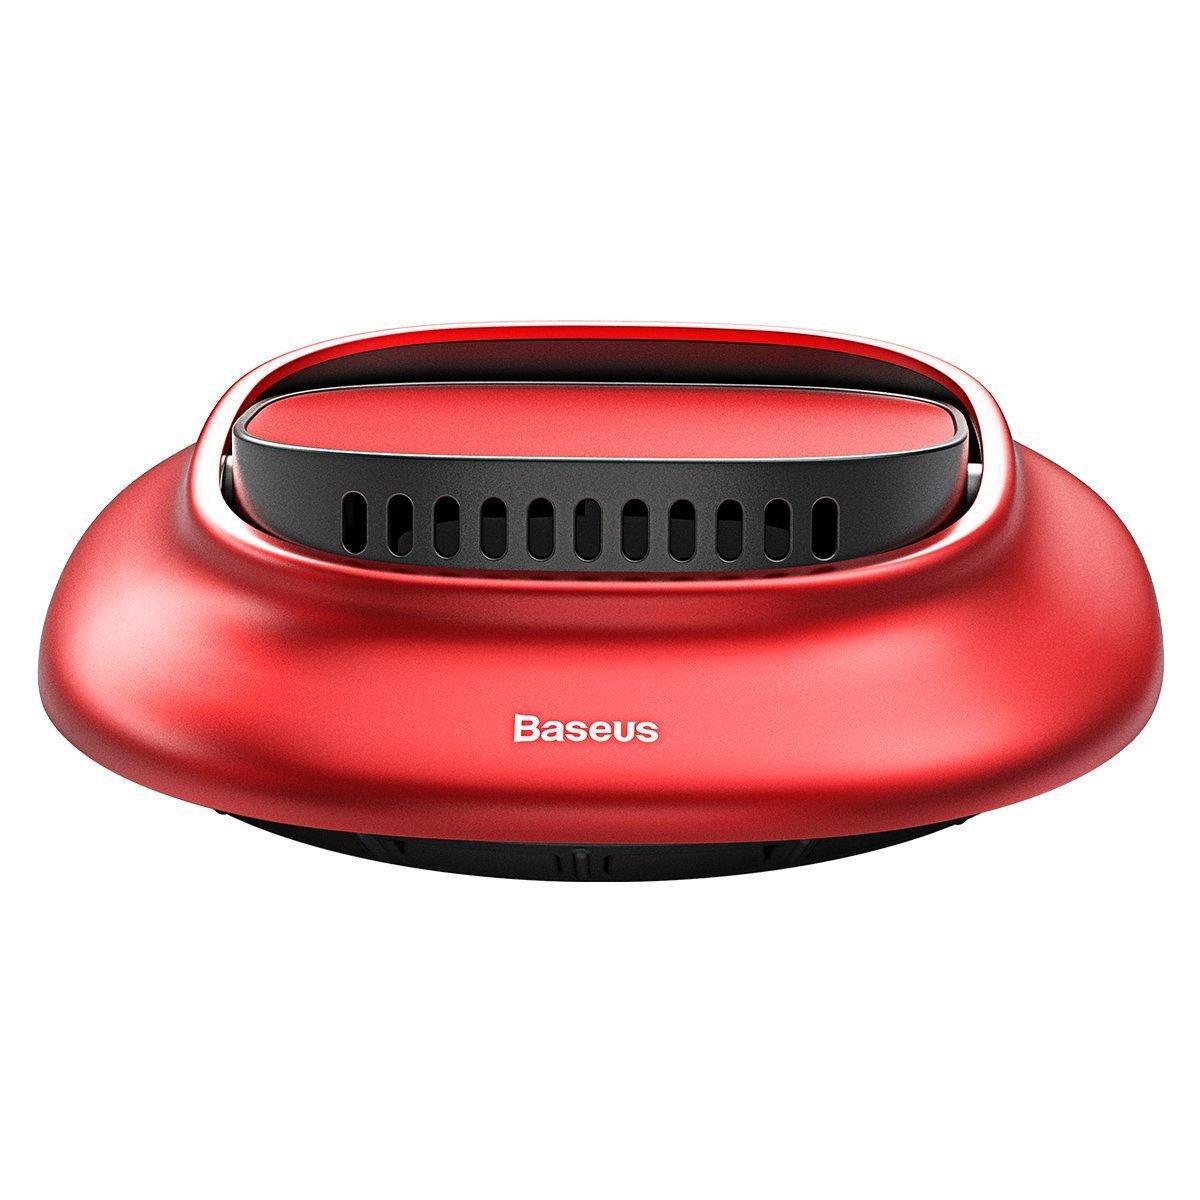 Zestaw prezentowy Baseus z akcesoriami samochodowymi (kabel